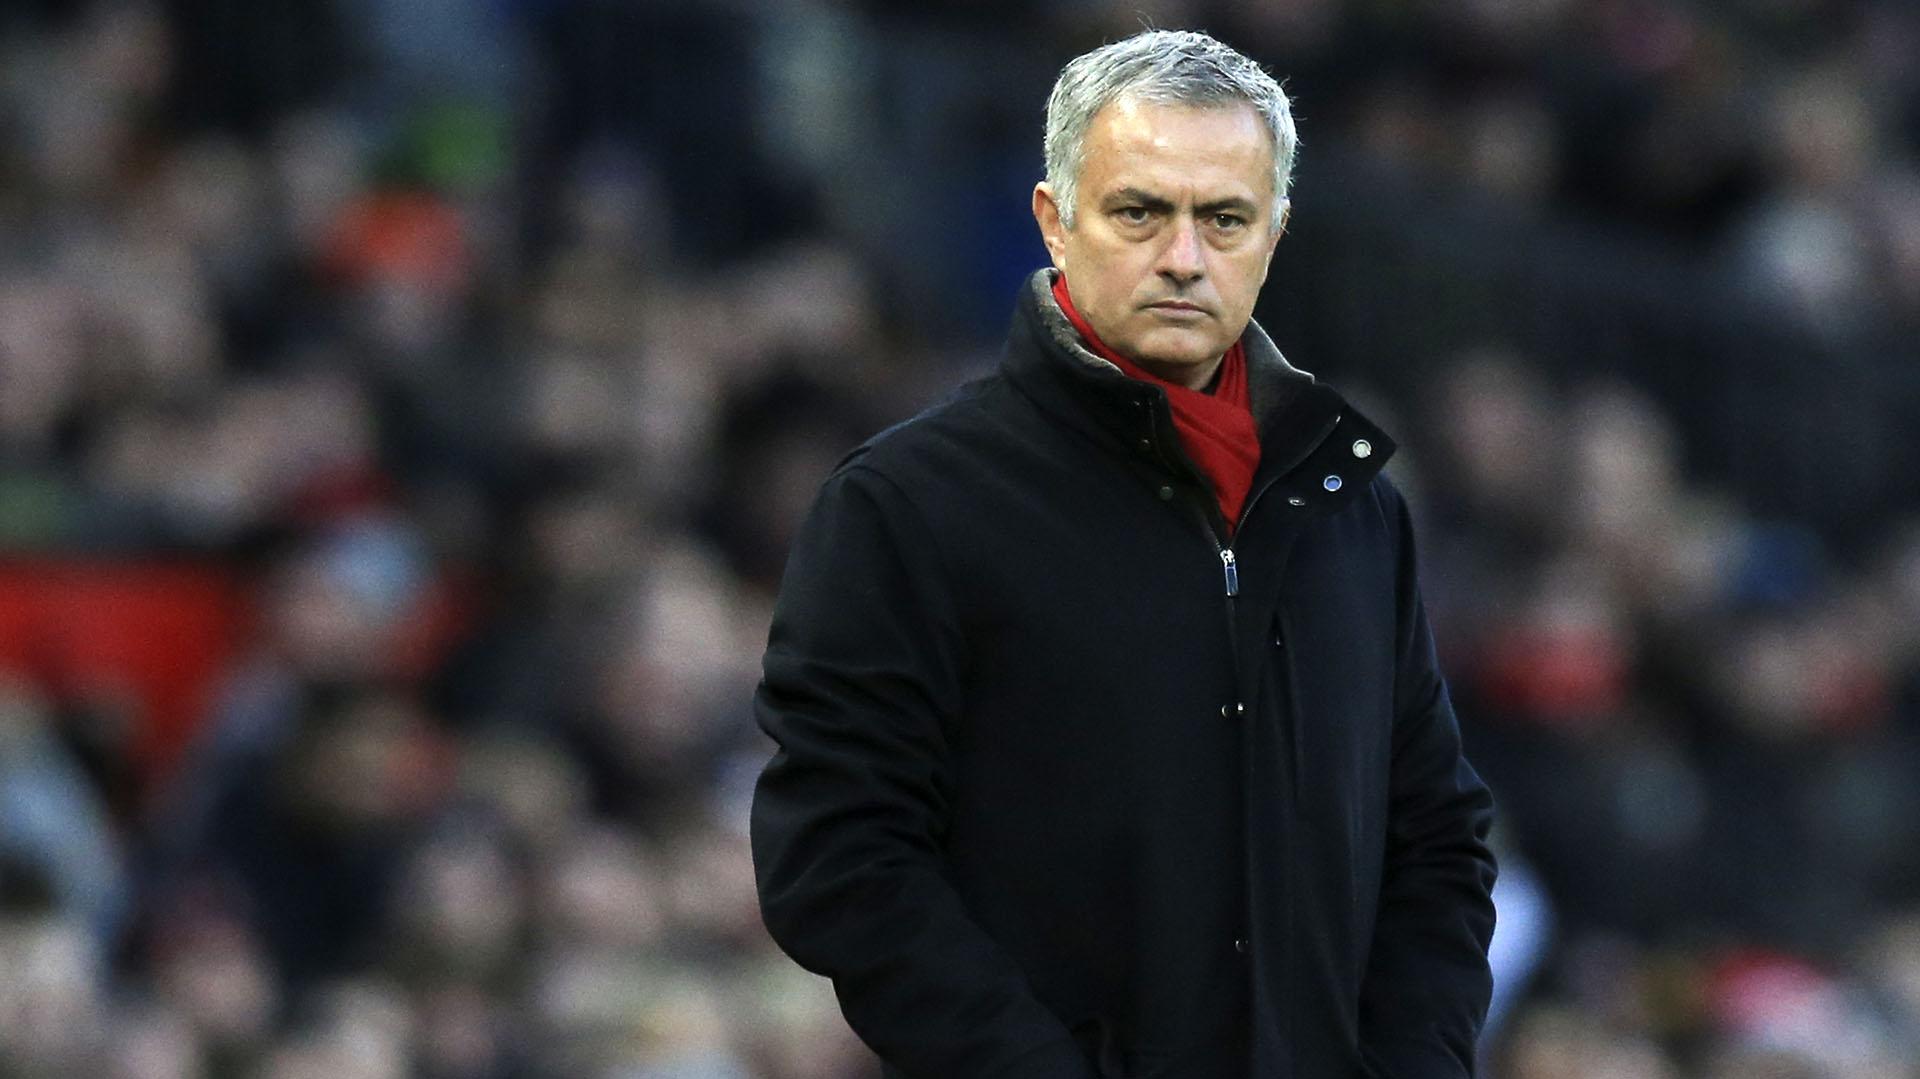 El Manchester United de José Mourinho tendrá su debut esta tarde ante Leicester